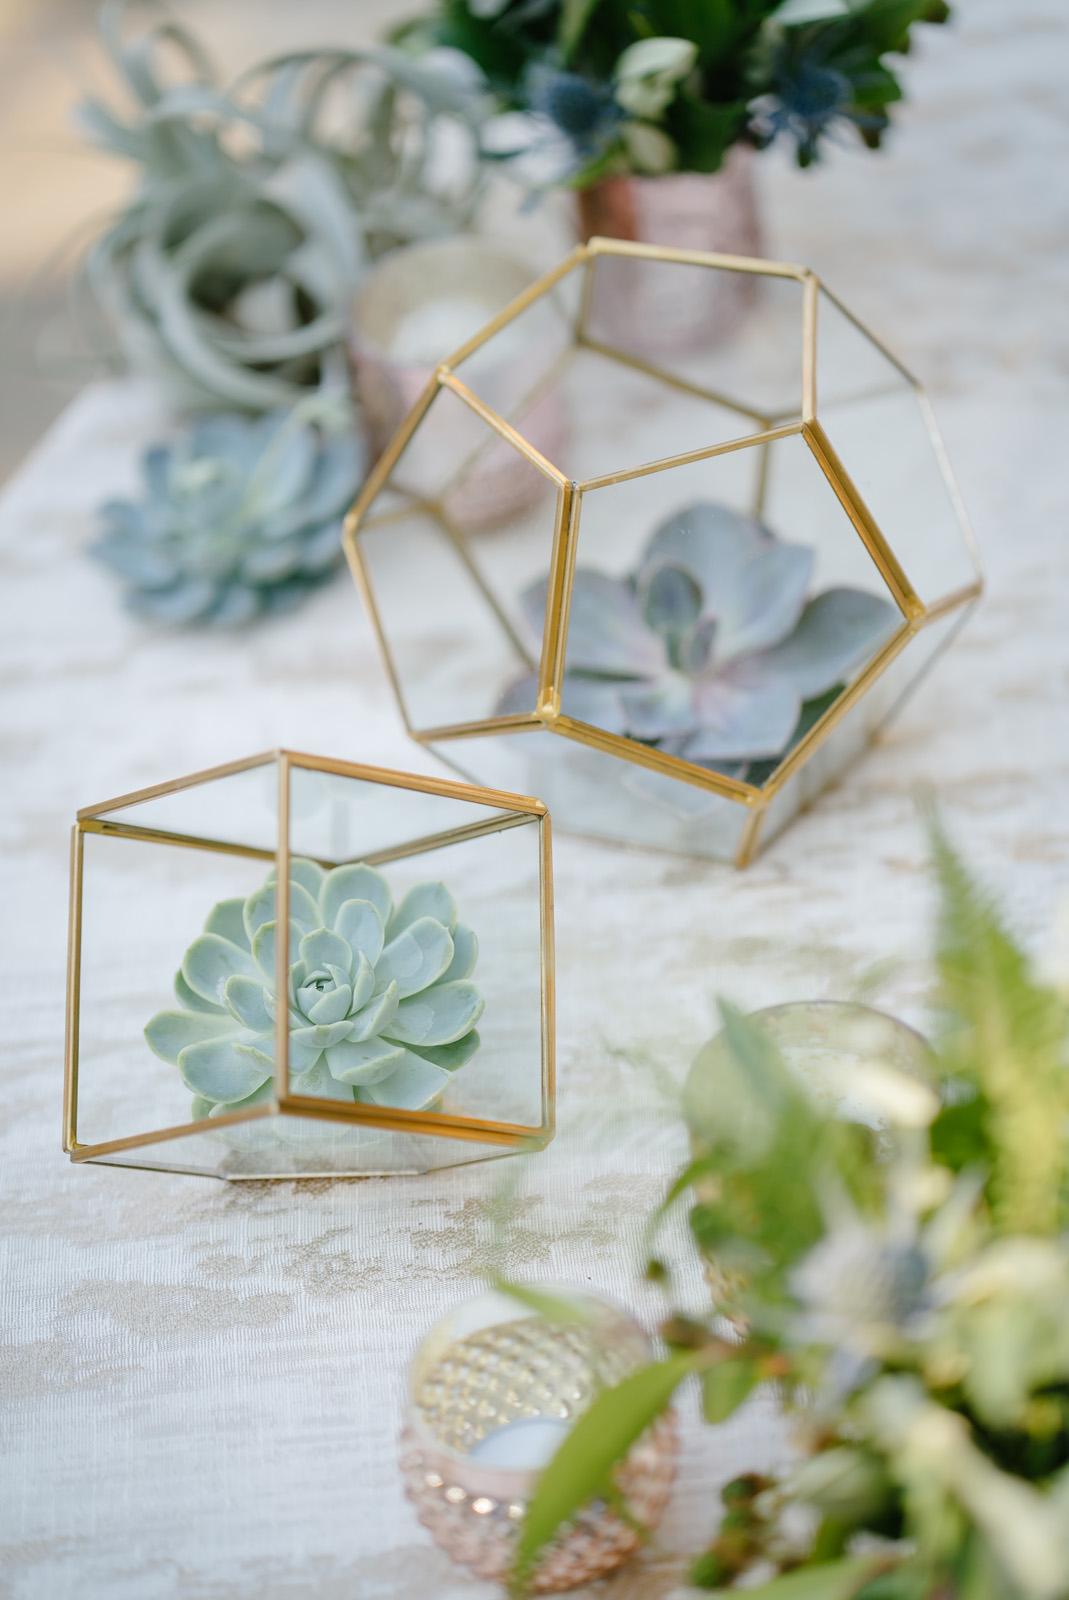 Geometric Decor : geometric, decor, Modern, Geometric, Décor, Details